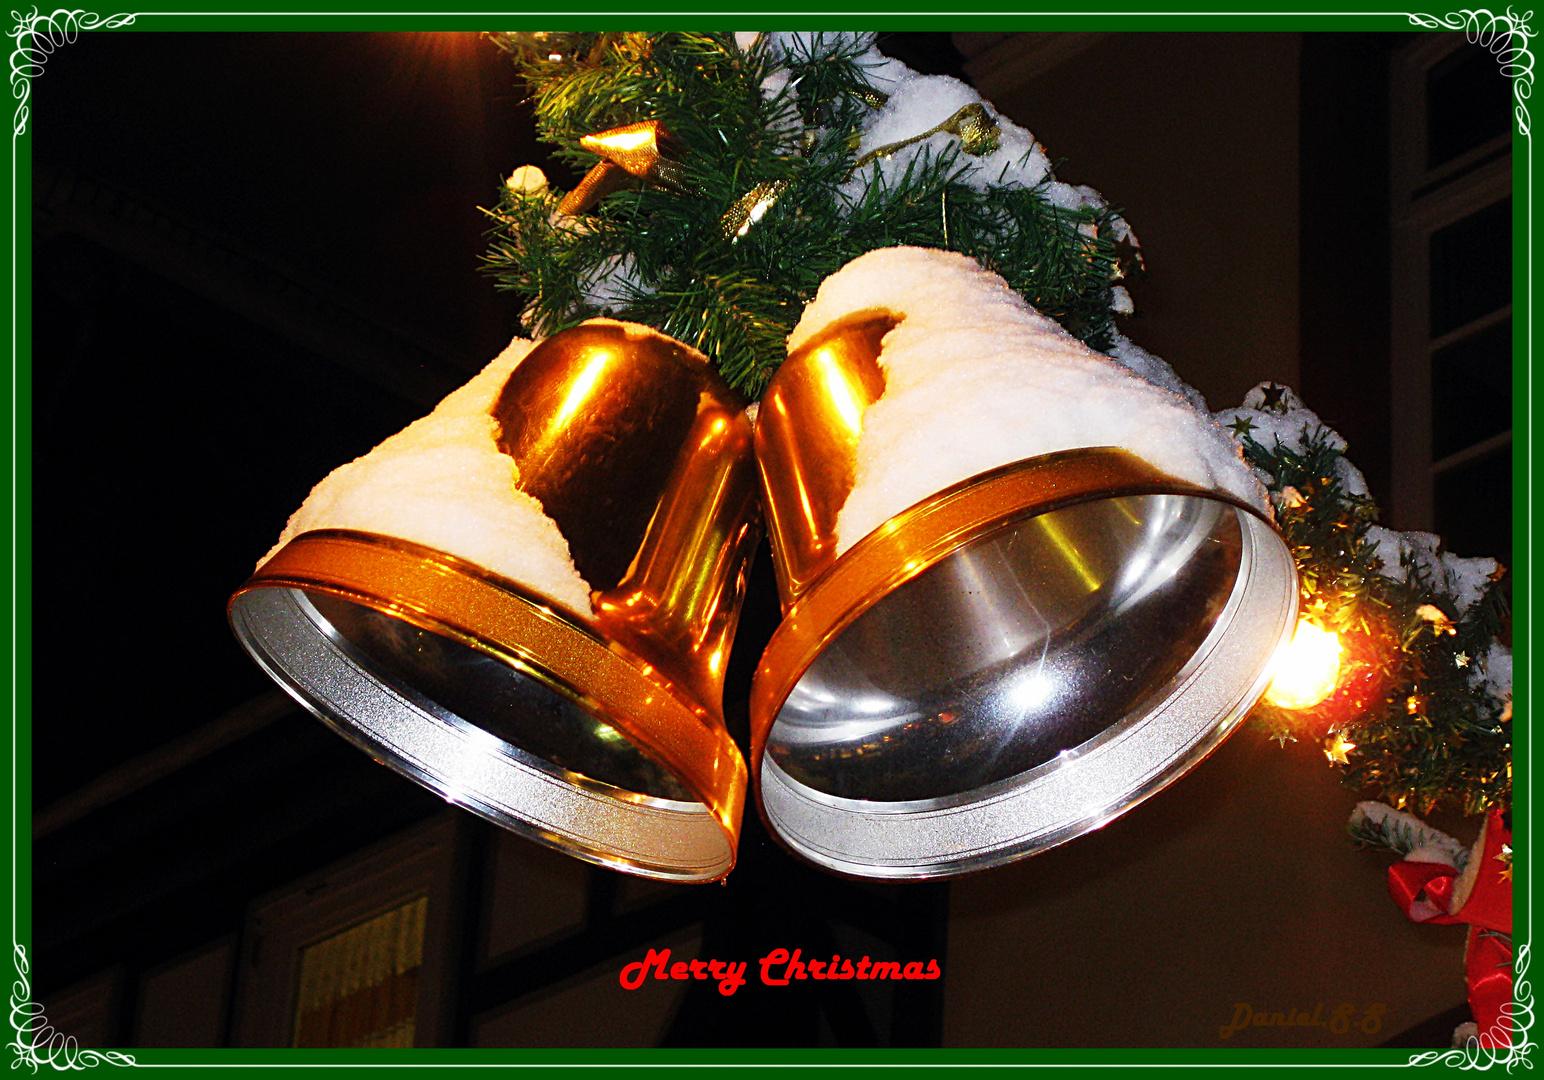 ich w nsche allen sch ne weihnachten und ein gutes neues. Black Bedroom Furniture Sets. Home Design Ideas